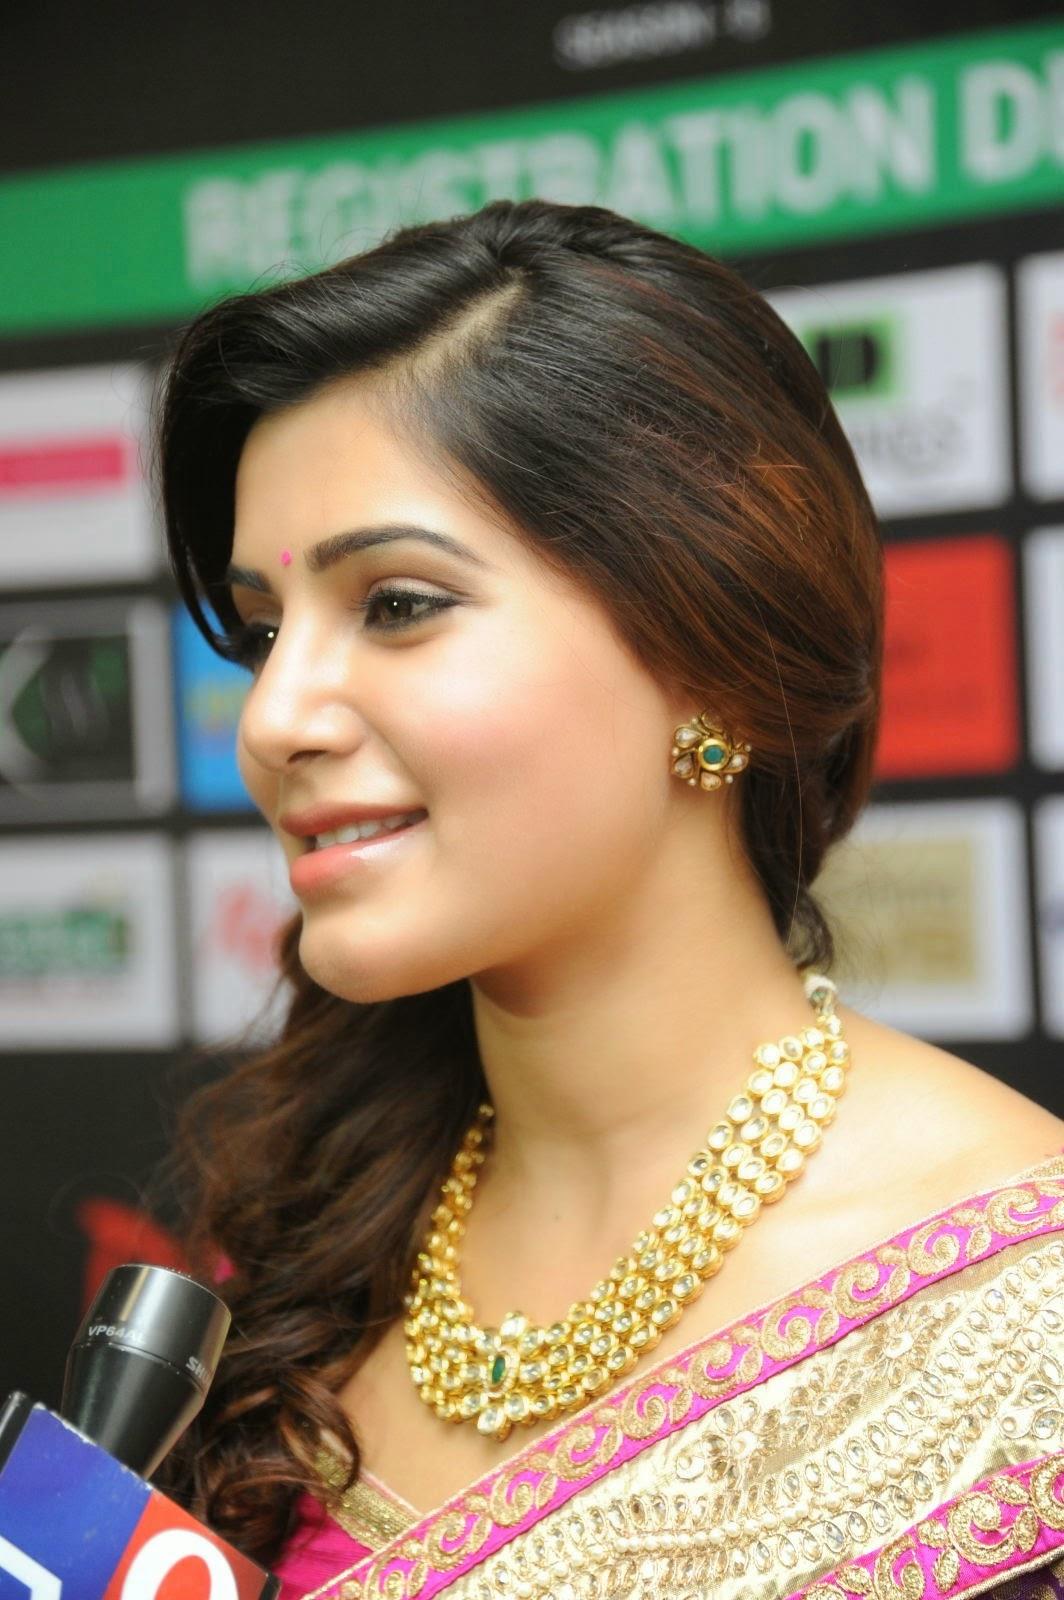 Samantha Hd Wallpapers In Saree - Samantha Hd Pics Saree , HD Wallpaper & Backgrounds